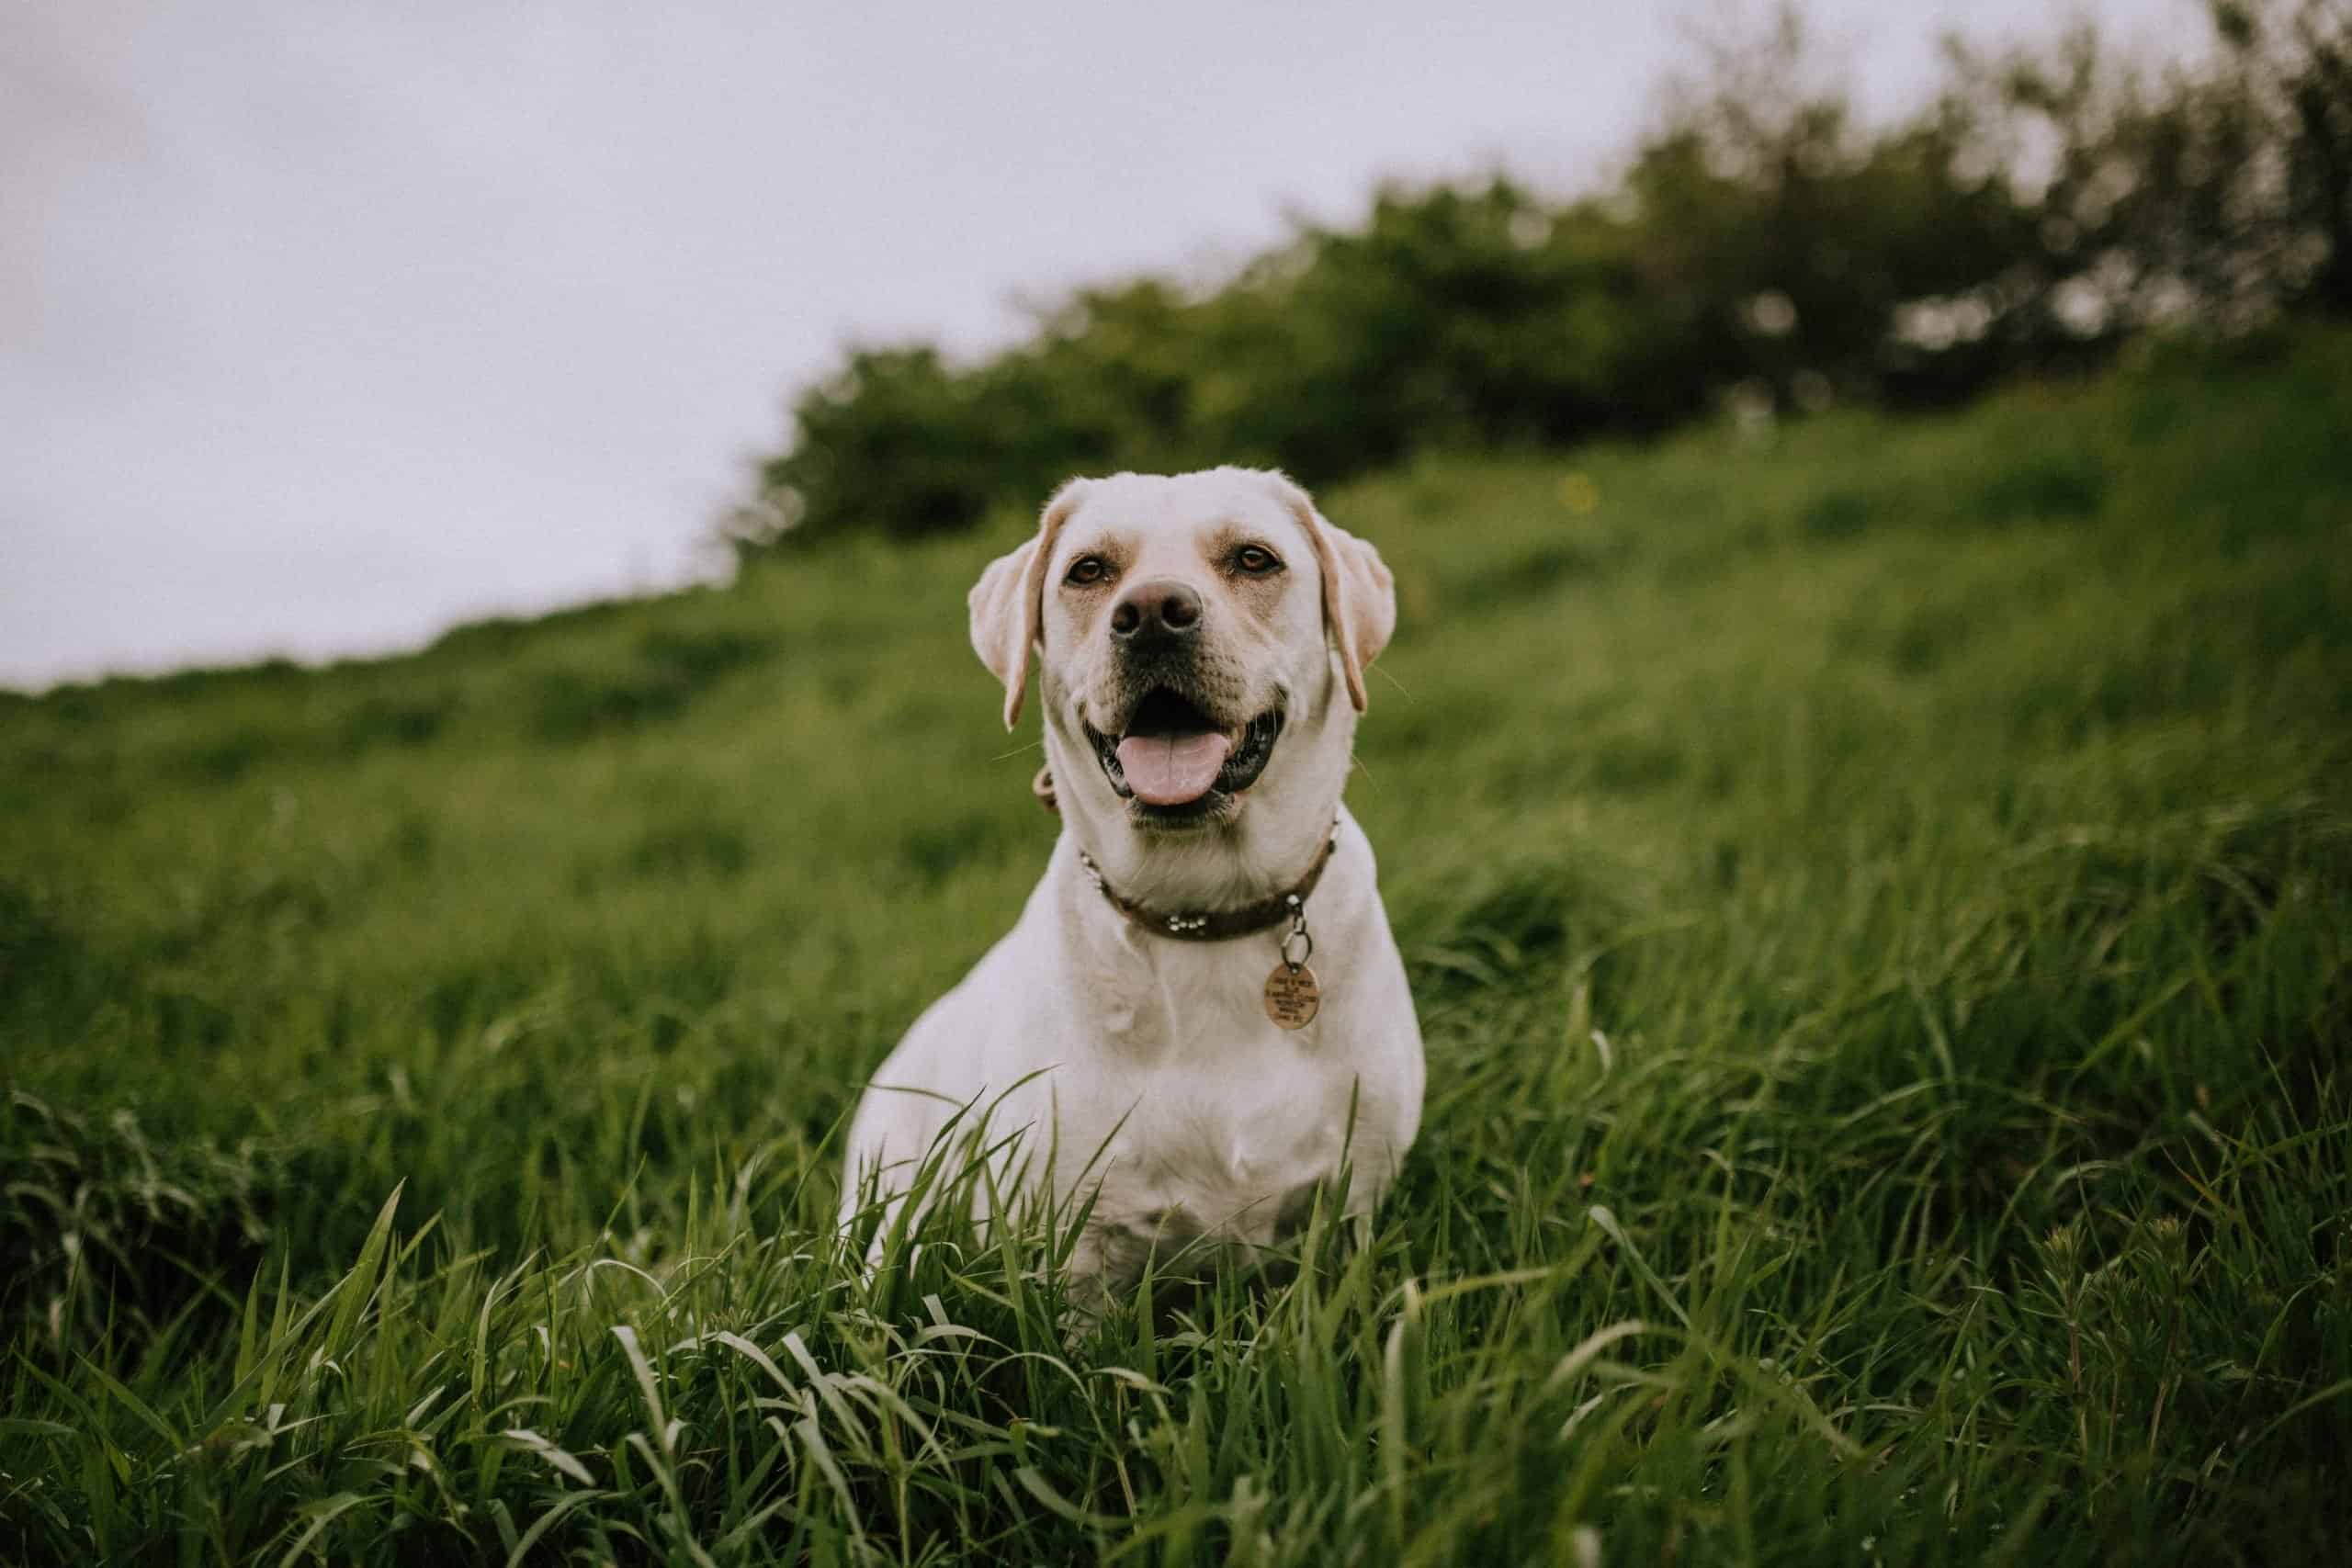 Perro tendido en la hierba verde.